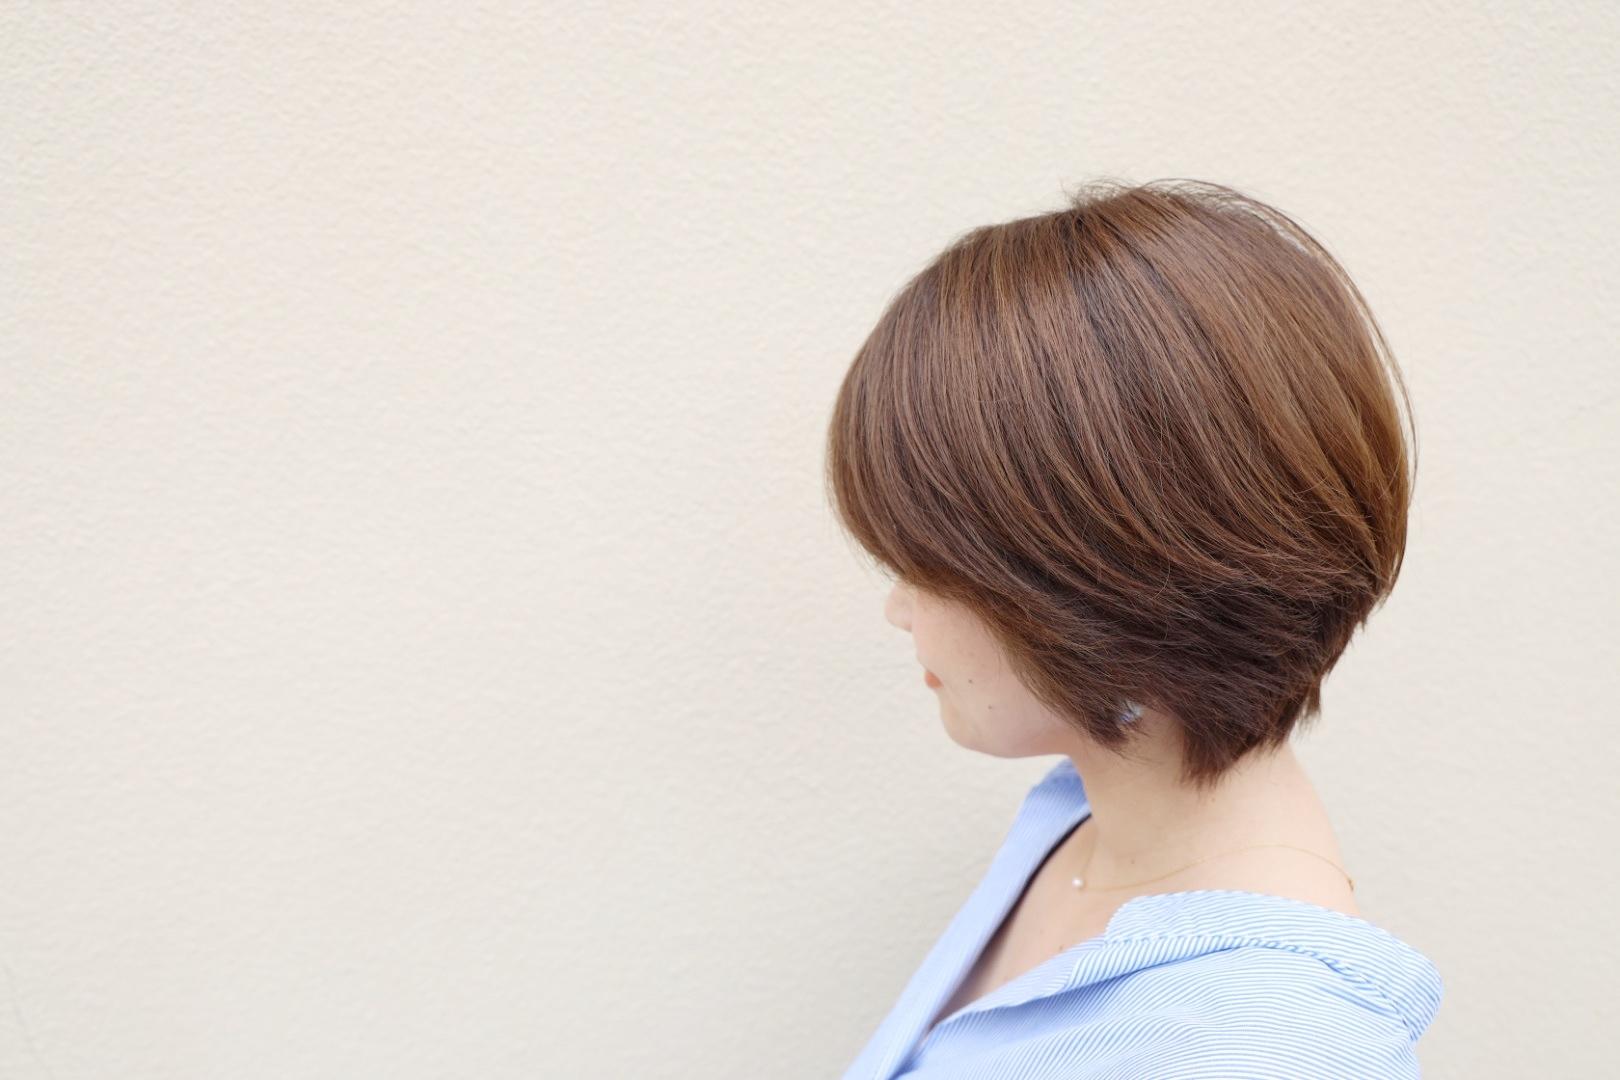 「外出自粛中でヘアサロンに行けない」問題を改善!髪の褪色をカバーする簡単ホームケア_1_3-2